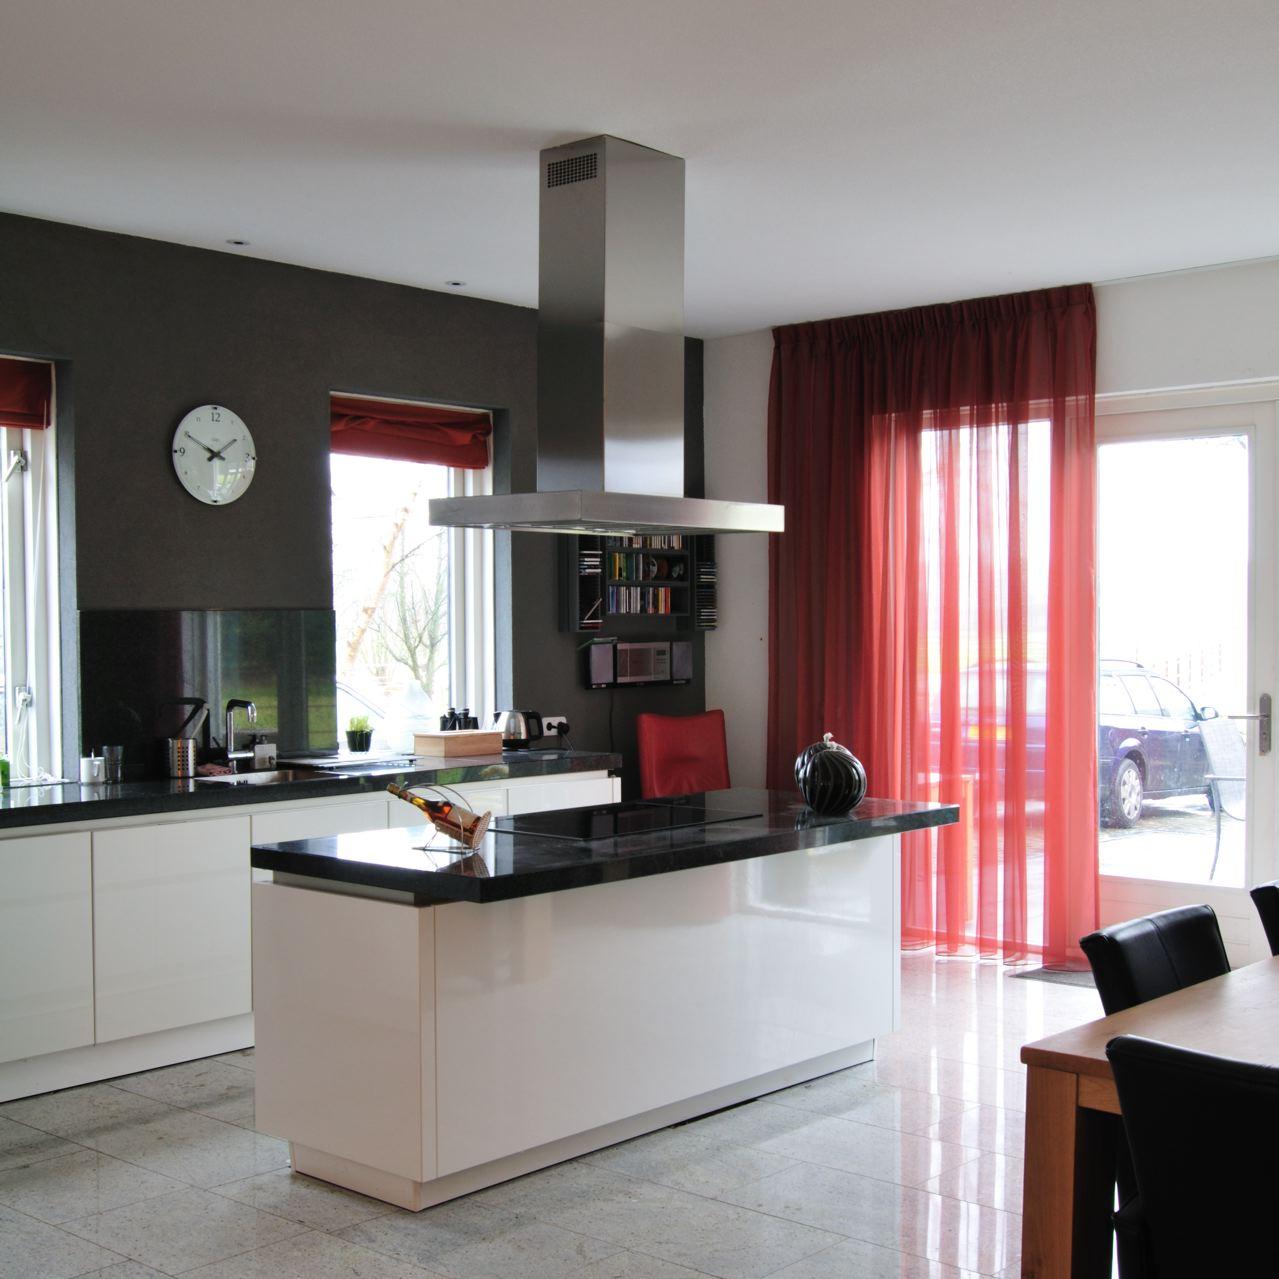 keuken+woning+Eelde.jpg